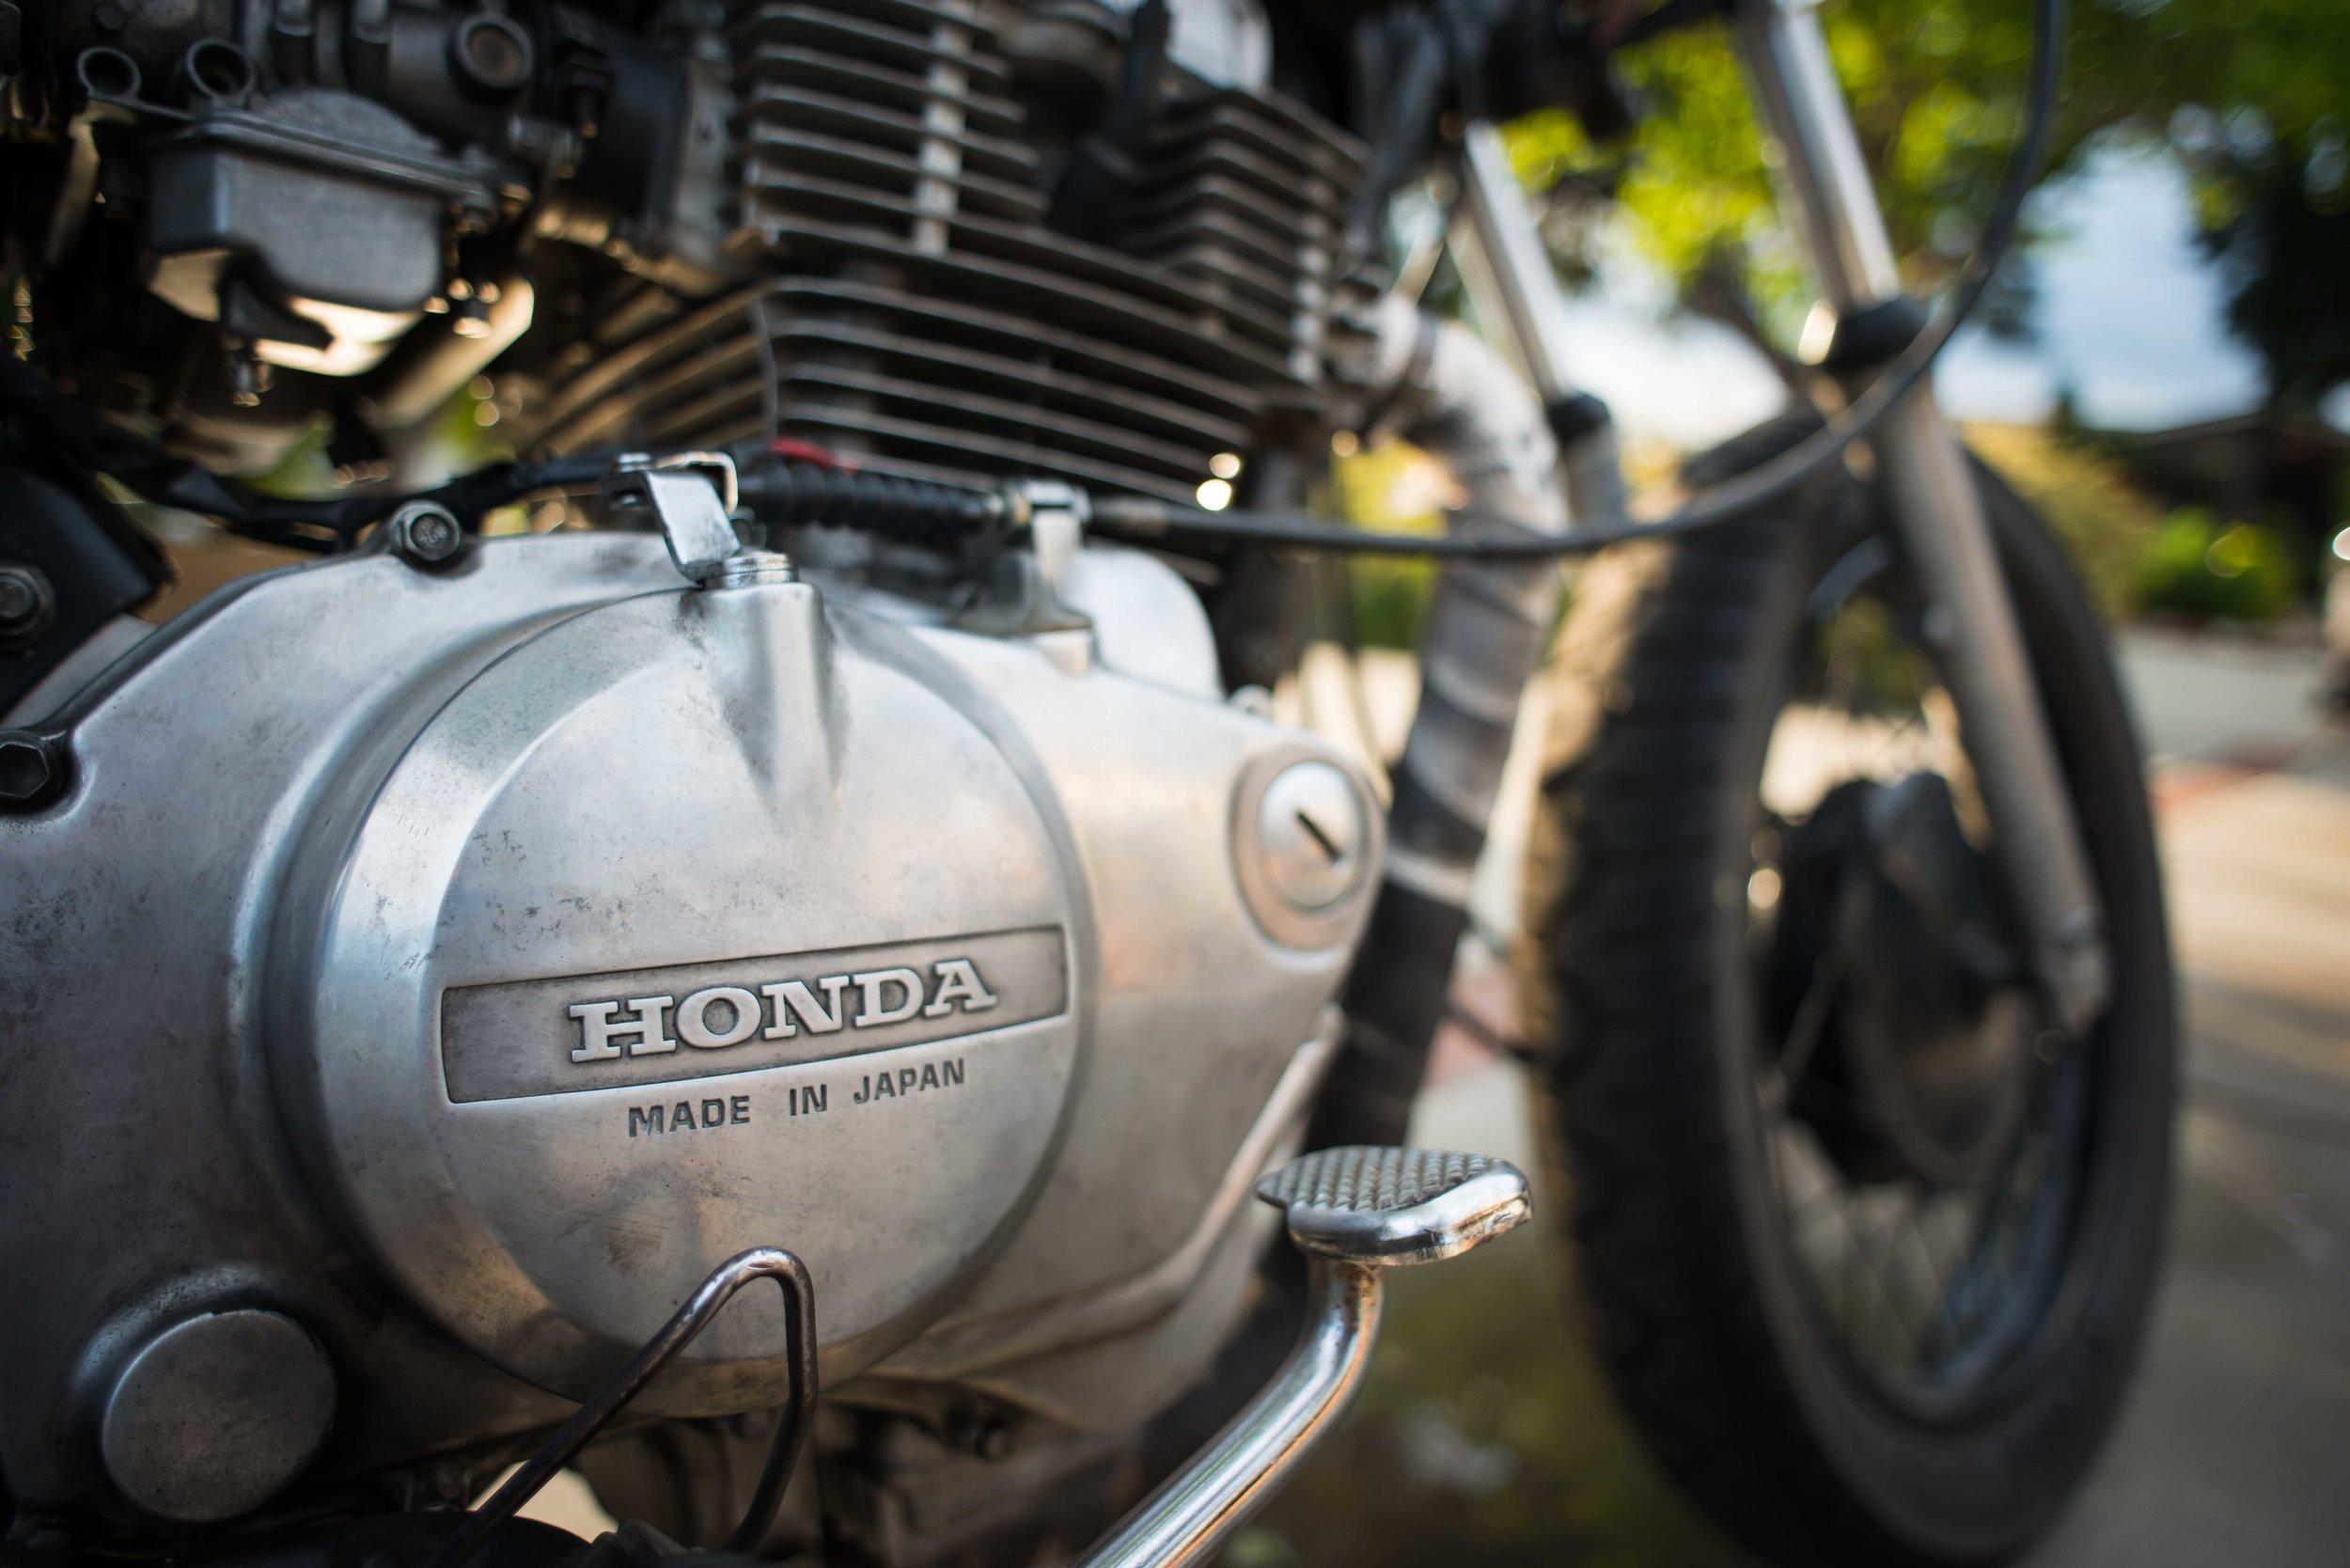 RickyRios_Motorcycle_HondaDetail_WebEdit.jpg